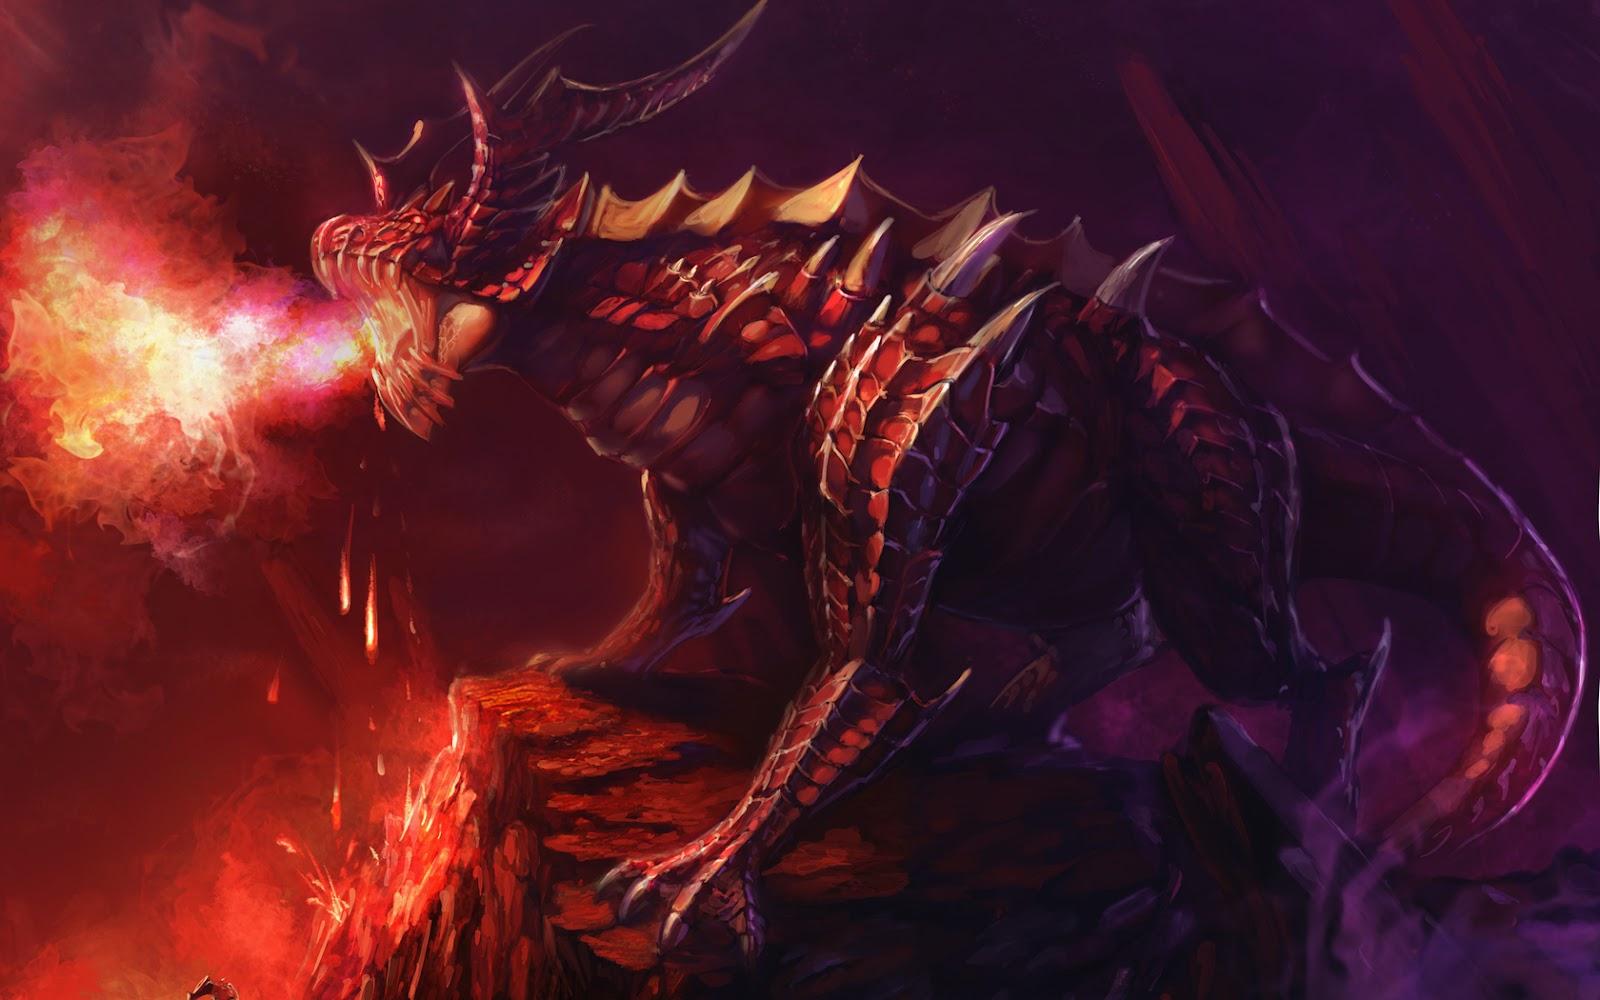 http://1.bp.blogspot.com/-NDwph_xc3f4/T0l1_XsnJ9I/AAAAAAAAVJc/3FoJH7NYZbo/s1600/Dragones-HD_03.jpg